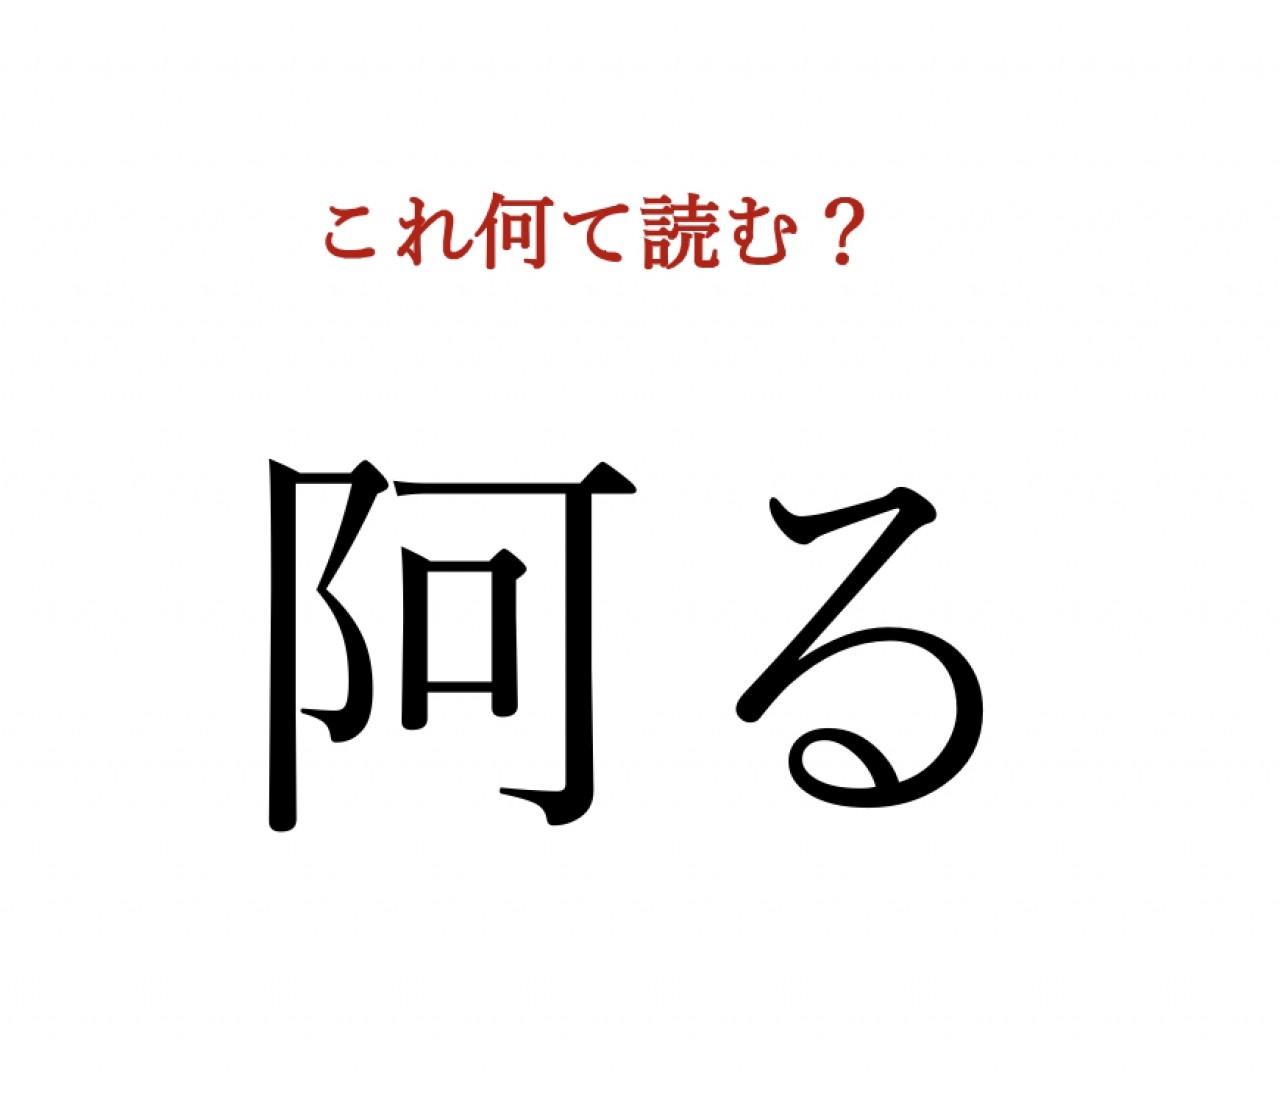 「阿る」:この漢字、自信を持って読めますか?【働く大人の漢字クイズvol.18】